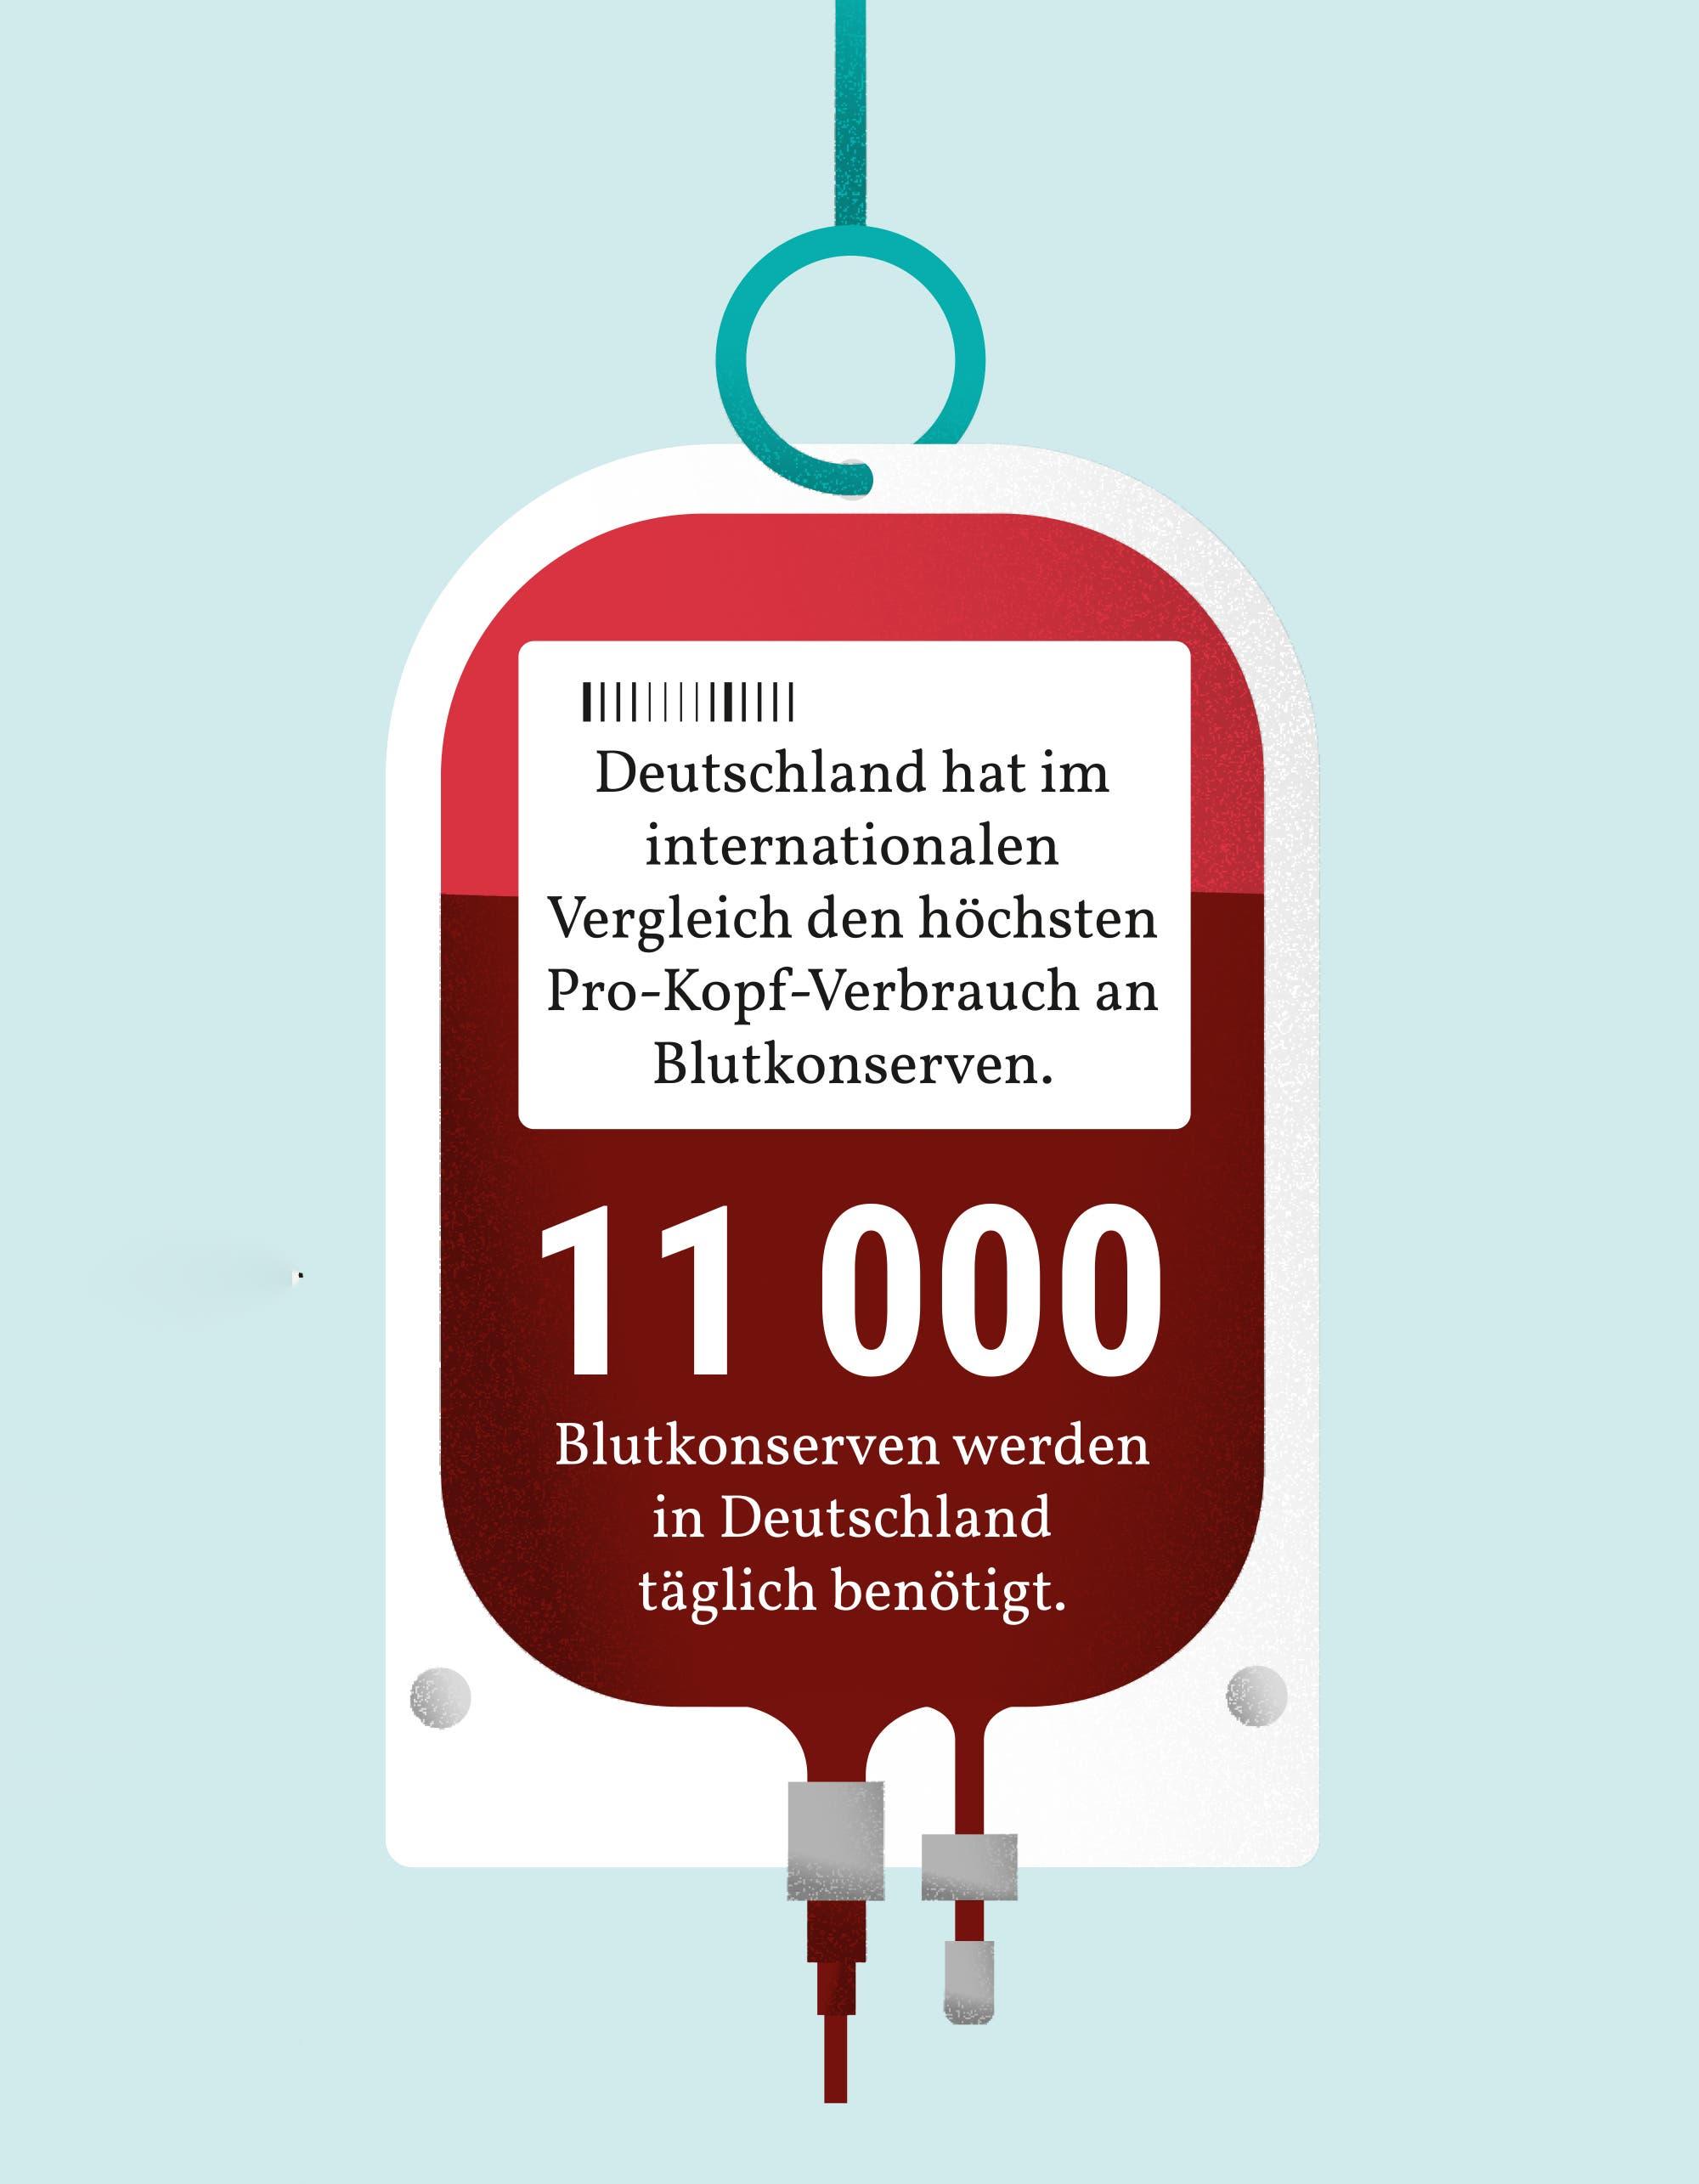 11000 Blutkonserven werden in Deutschland täglich benötigt.